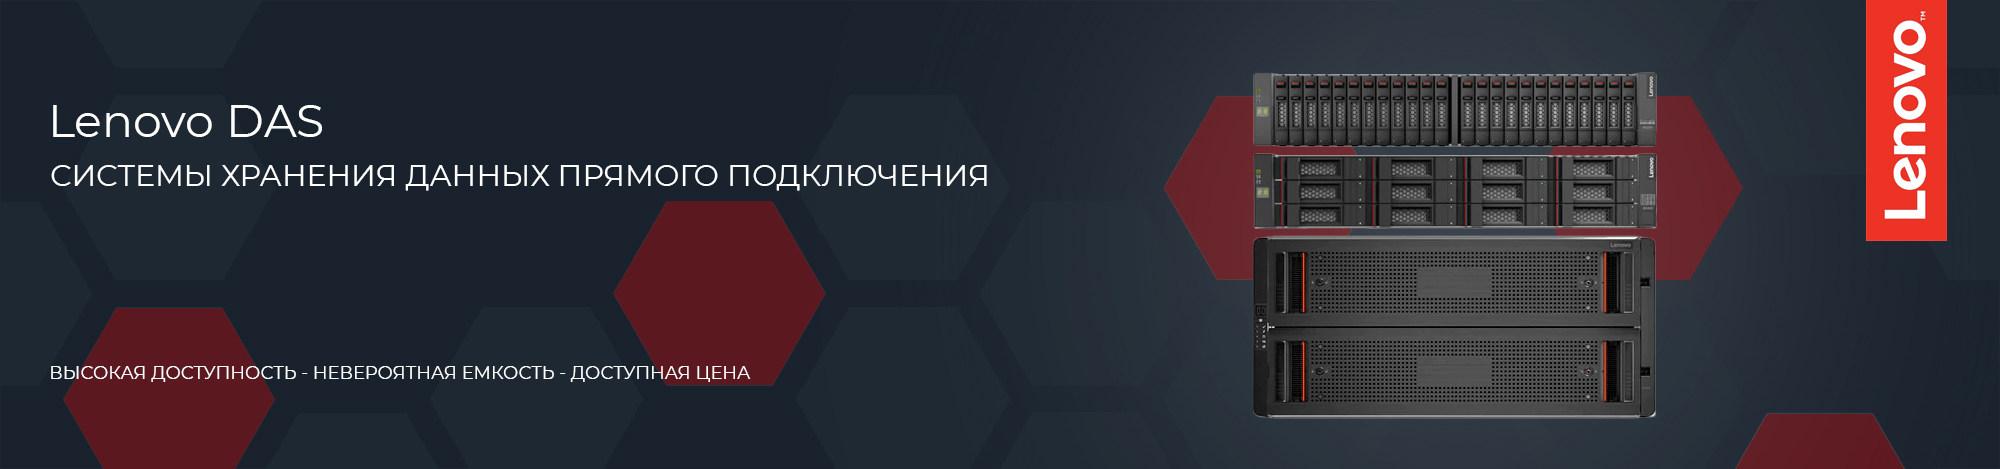 Системы-хранения-данных-с-прямым-подключением-Lenovo-DAS